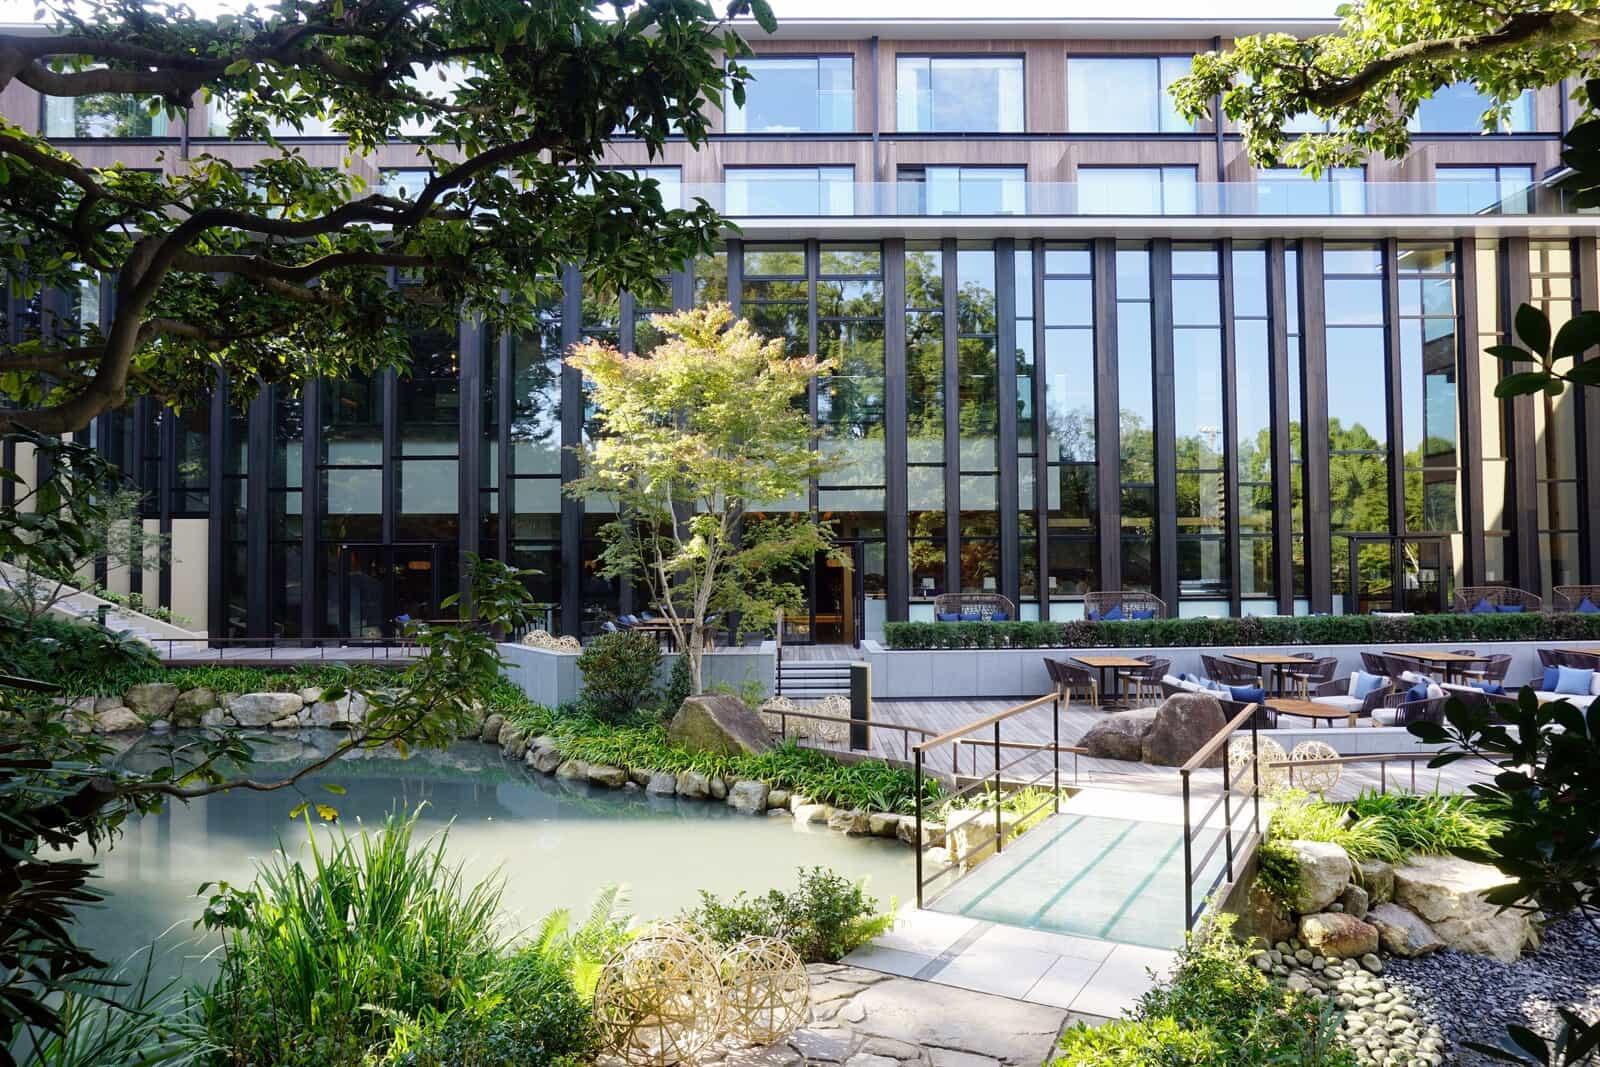 รับออกแบบสวนทุกรูปแบบ รับจัดสวนสวย รับตกแต่งสวน รับออกแบบจัดสวนโดยทีมงานมืออาชีพ ออกแบบสวนครบวงจร จัดสวนในที่ทำงานและบ้าน สวน